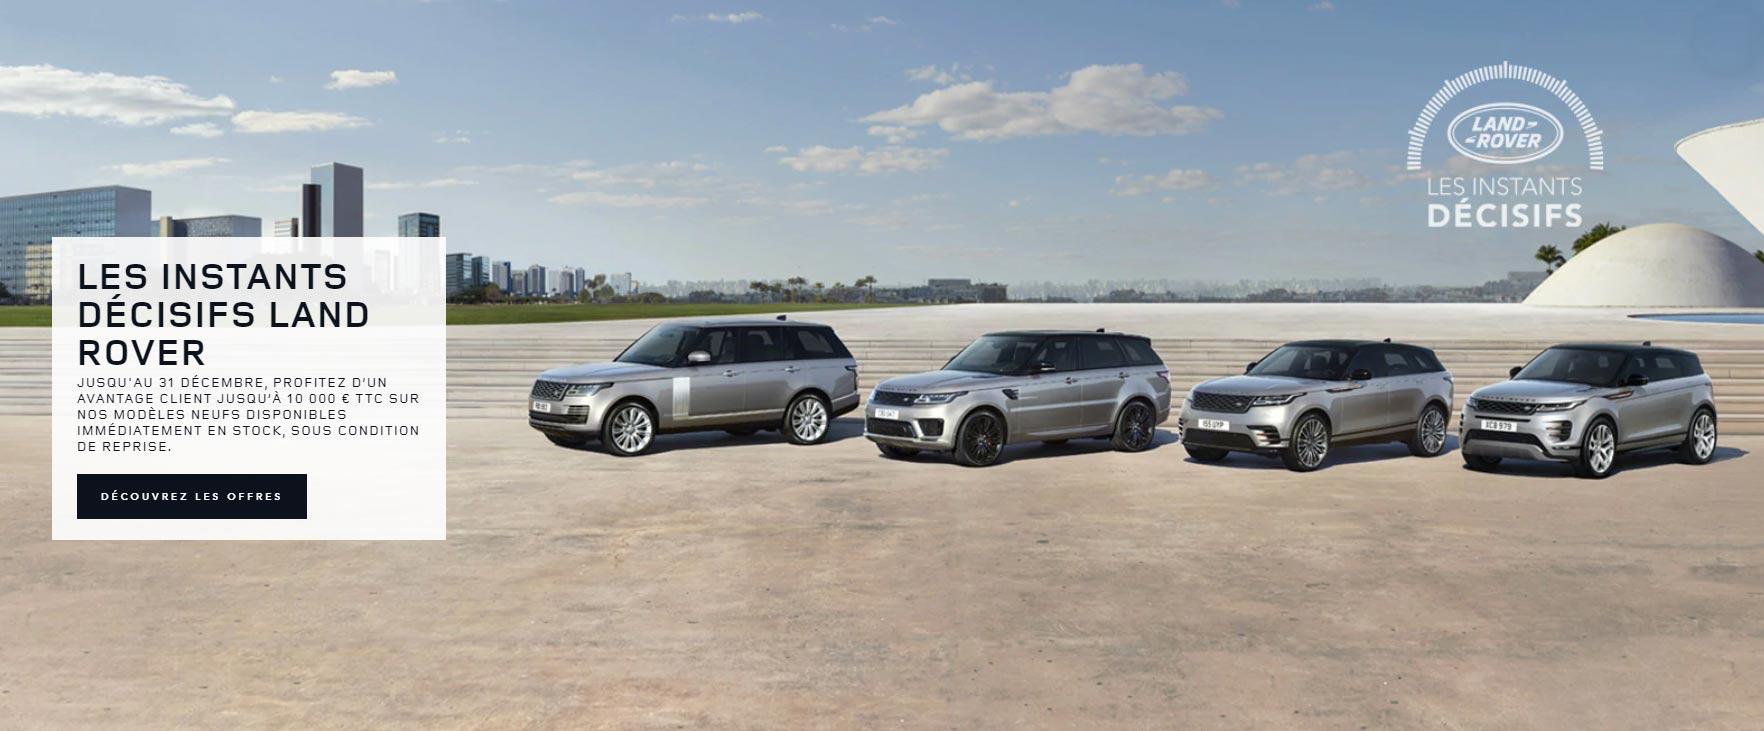 Les instants décisifs Land Rover